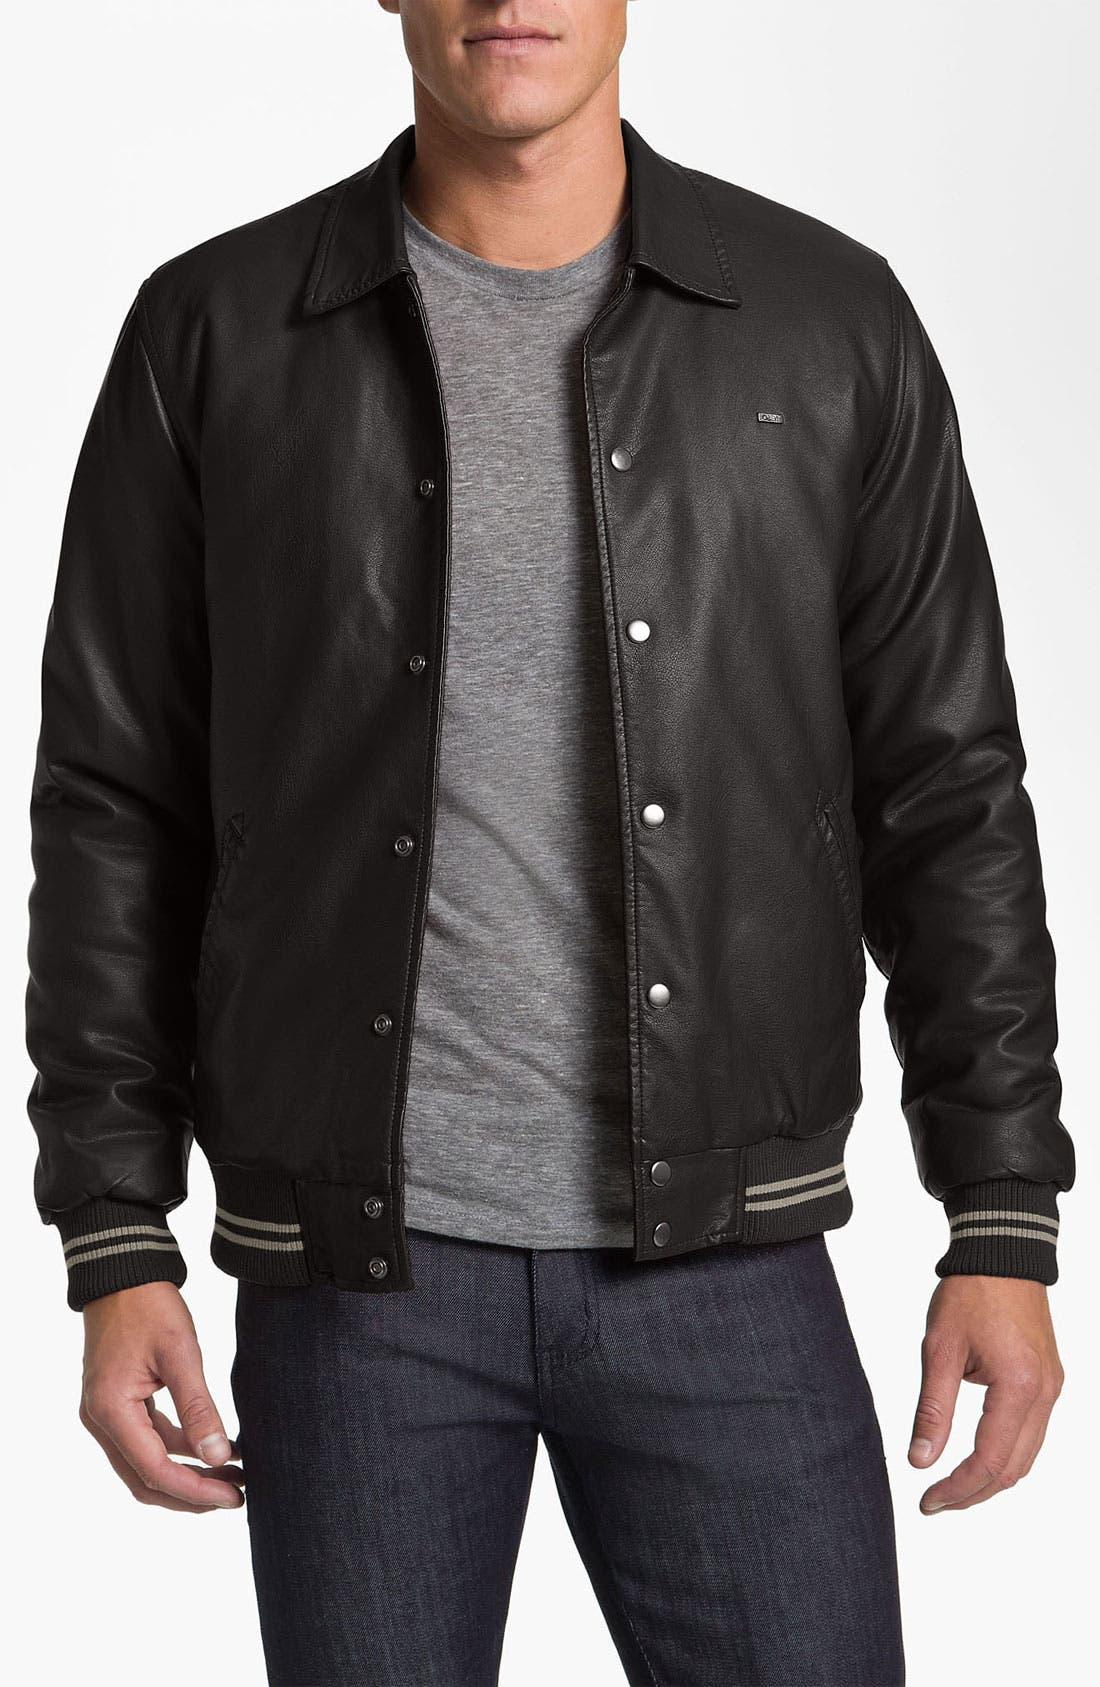 Main Image - Obey Classic Varsity Jacket